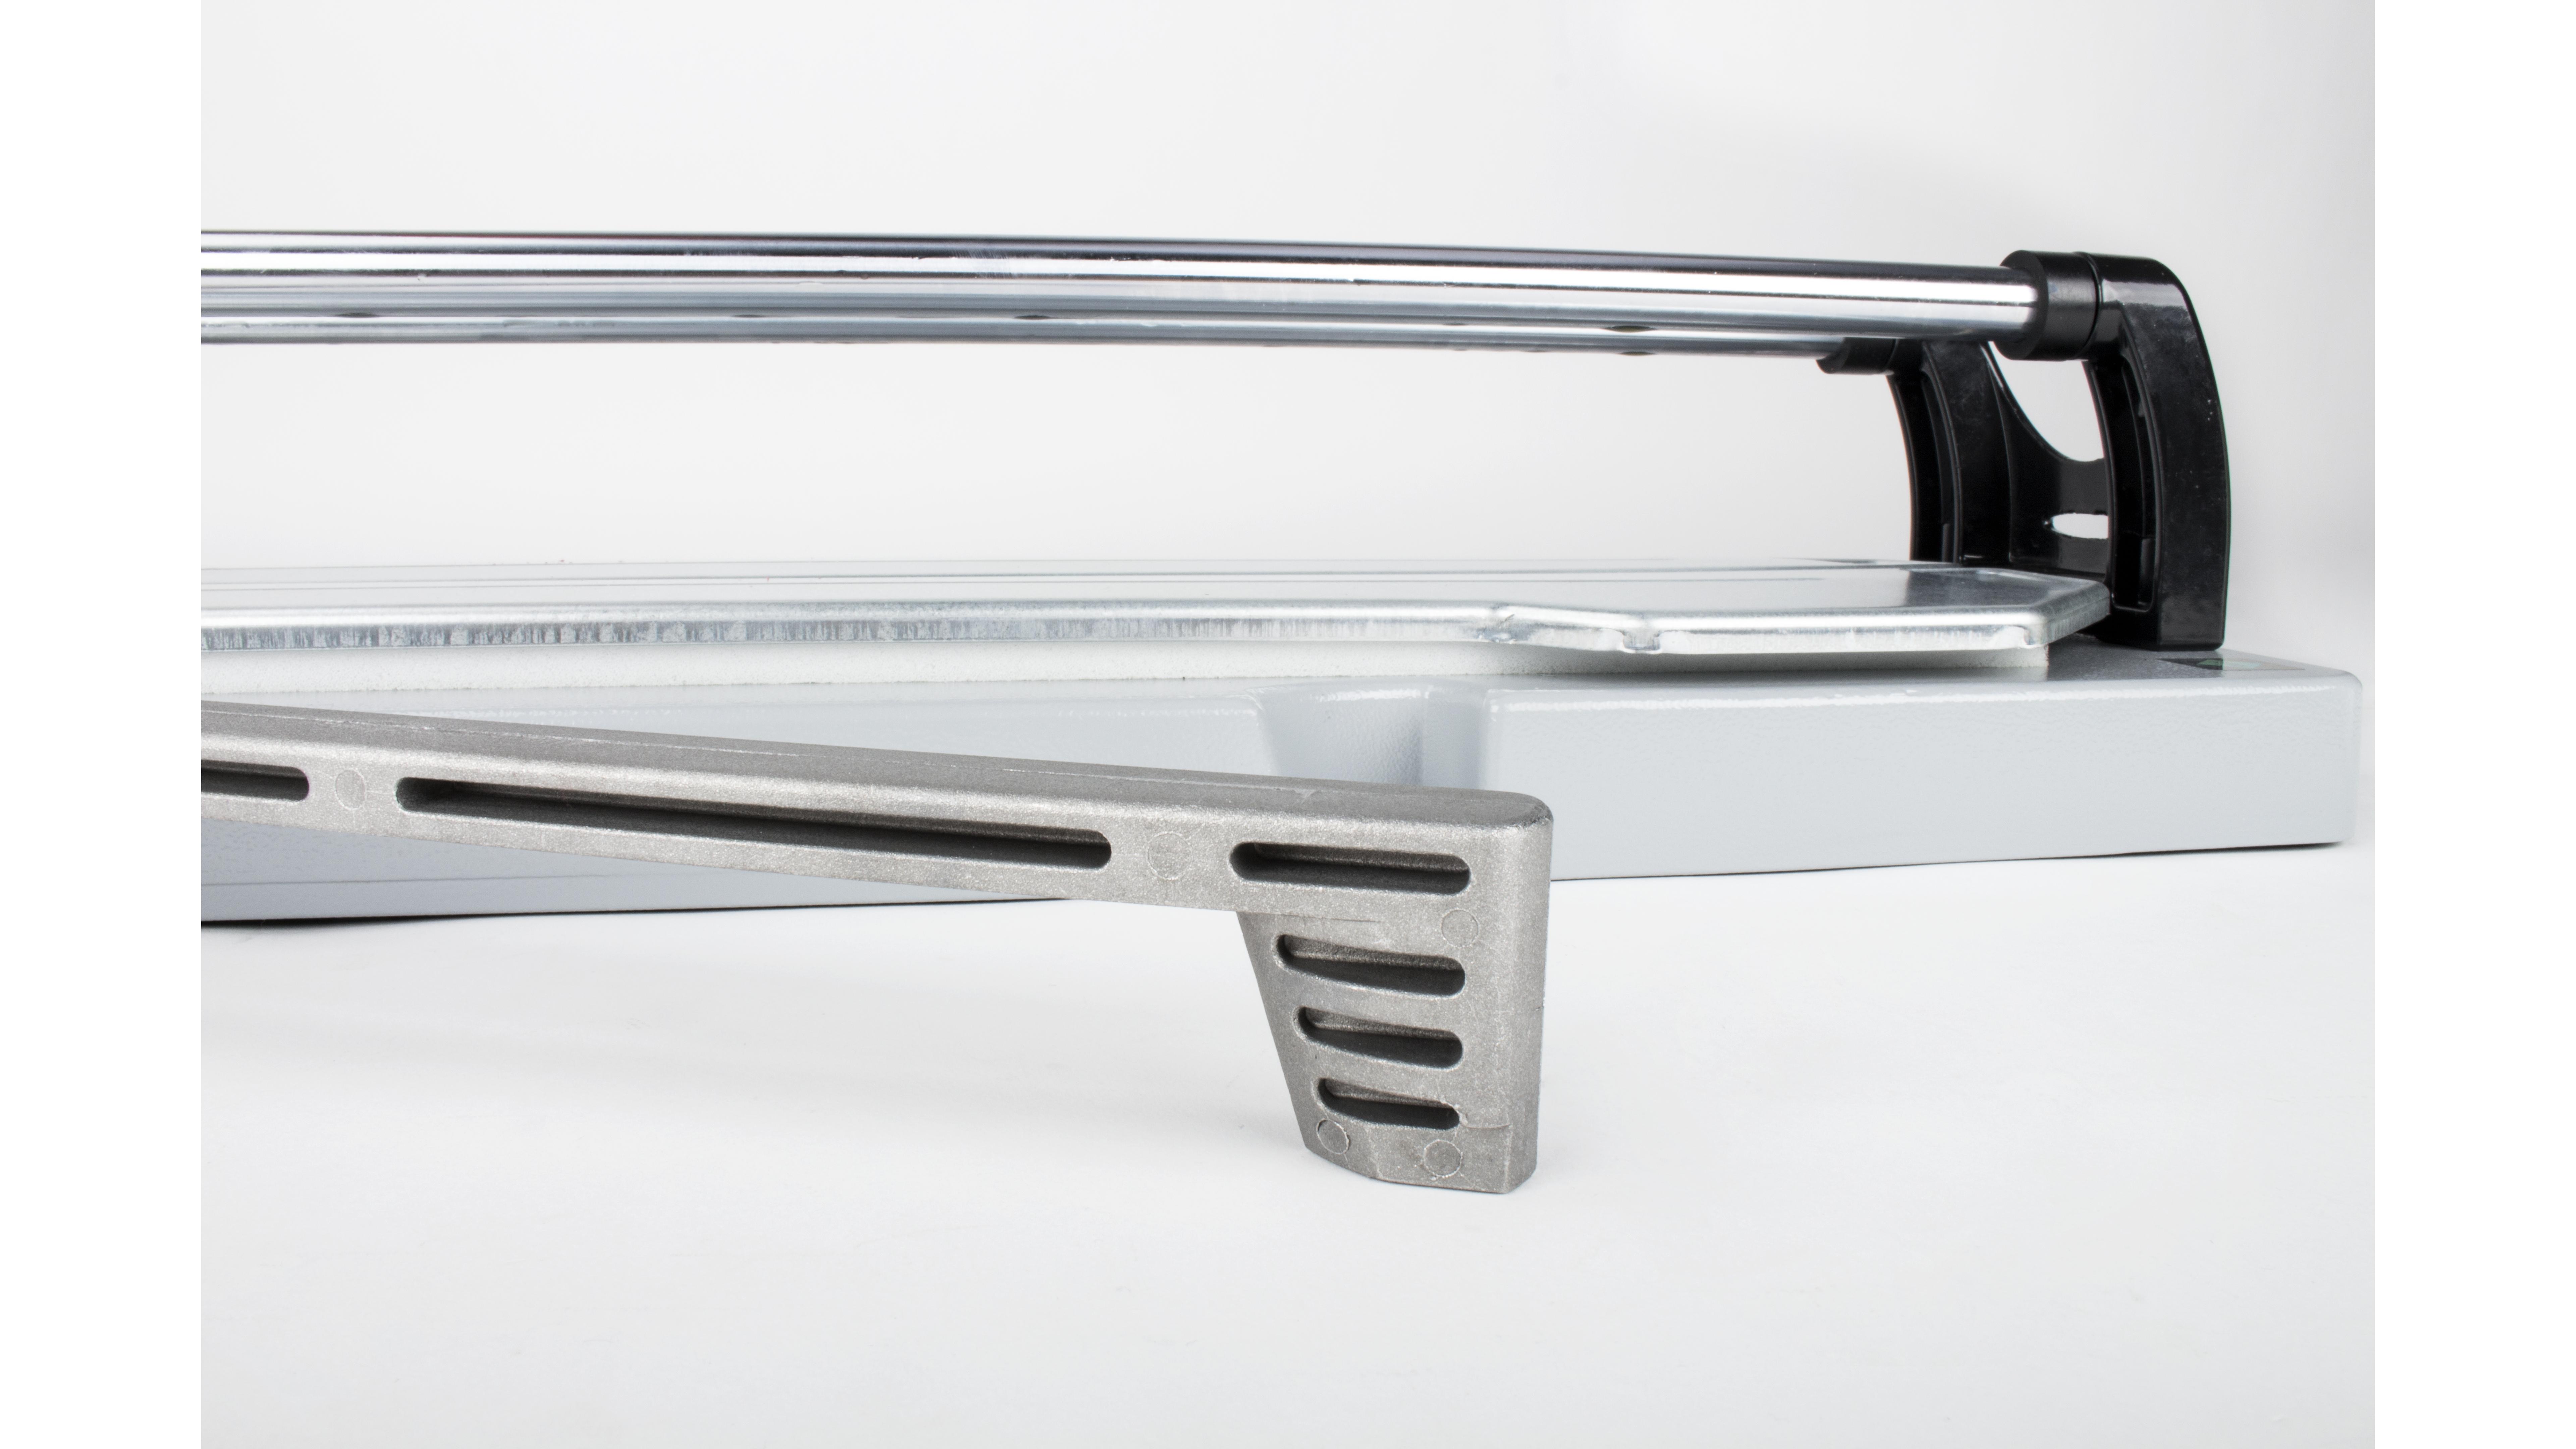 Coupeuses manuelles tr s rubi tools france rubi for Coupe carreaux electrique rubi